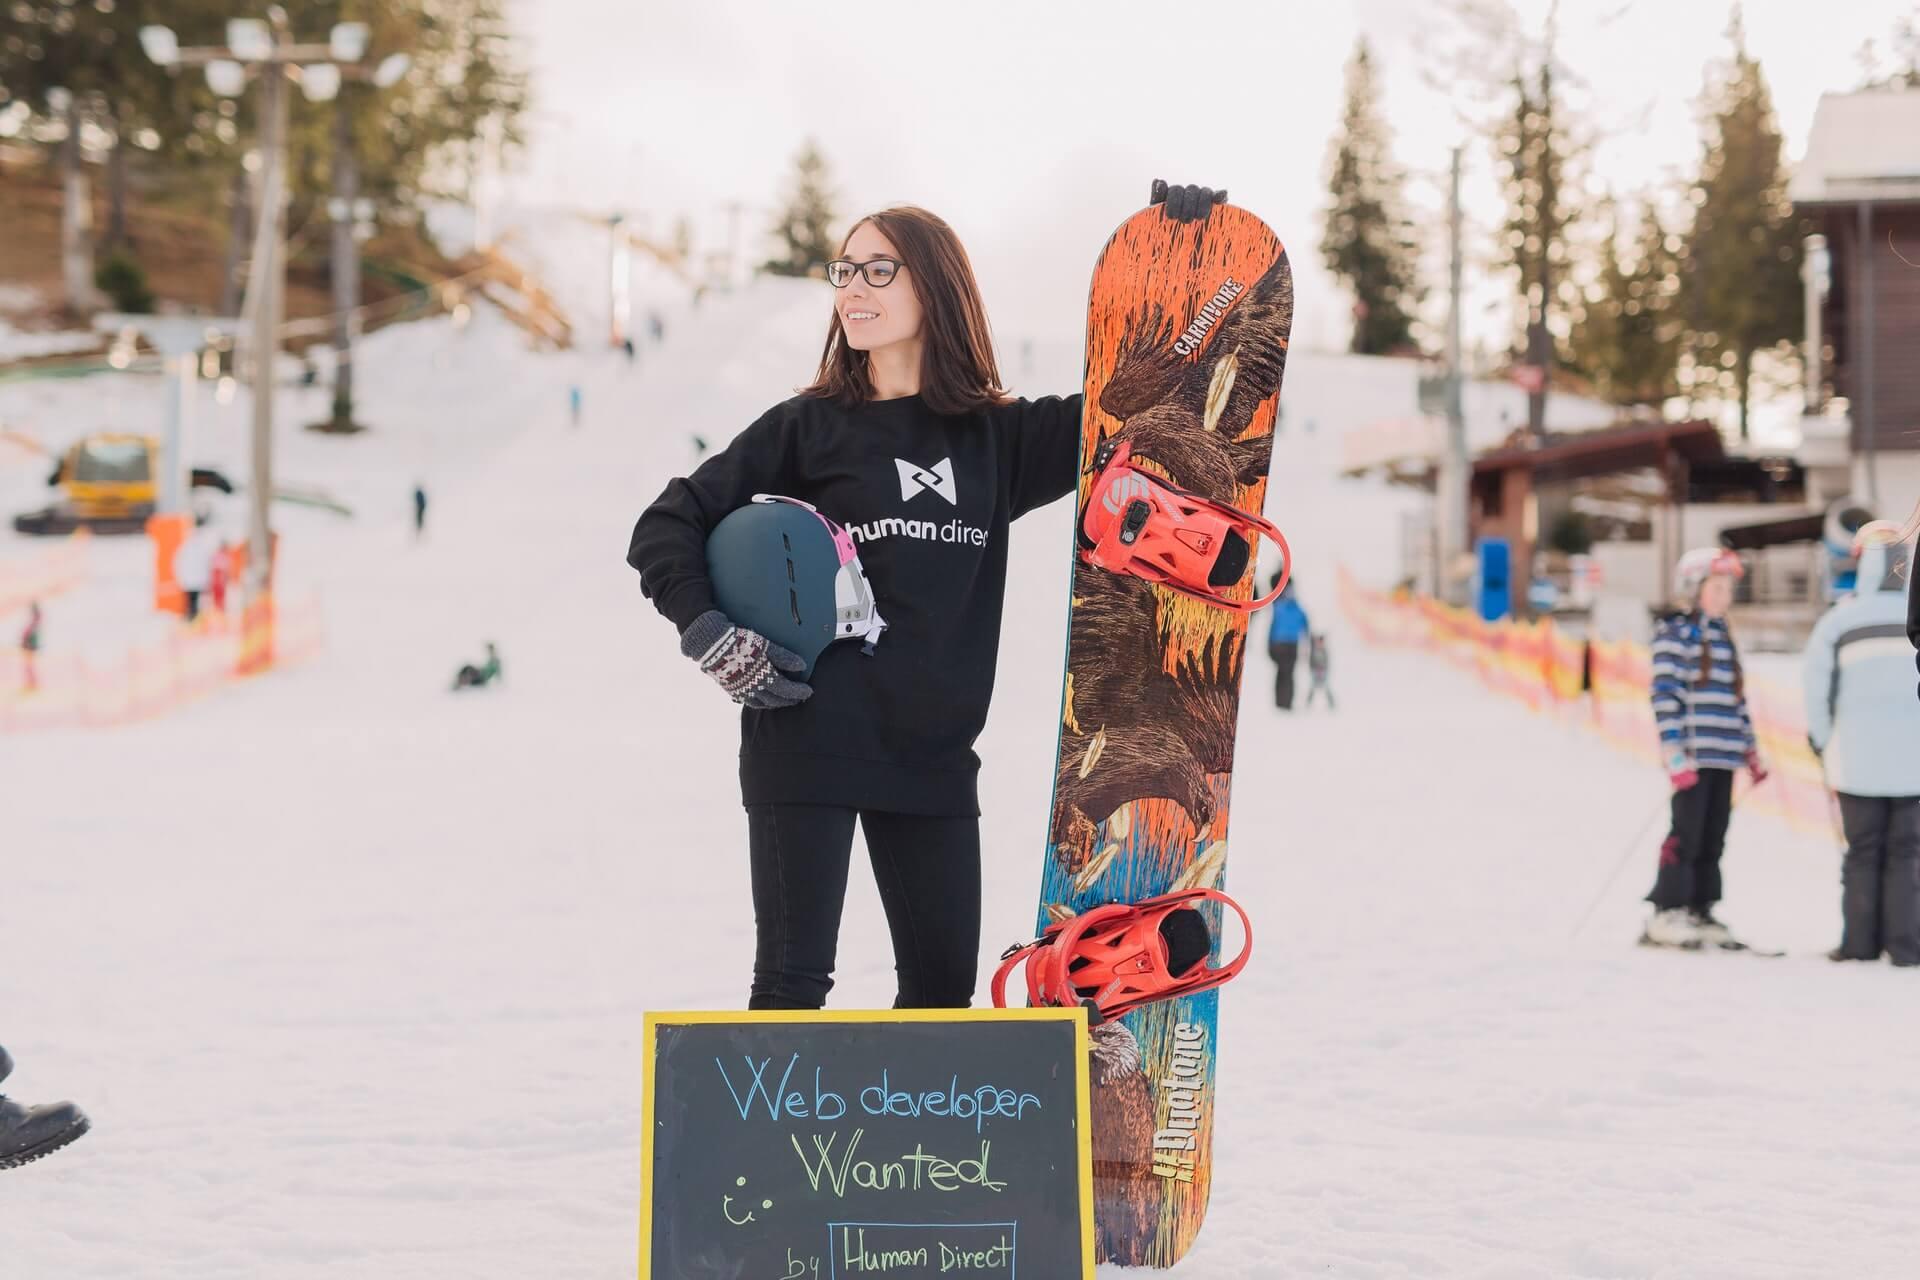 Mujer usando gafas y una tabla de snowboard.